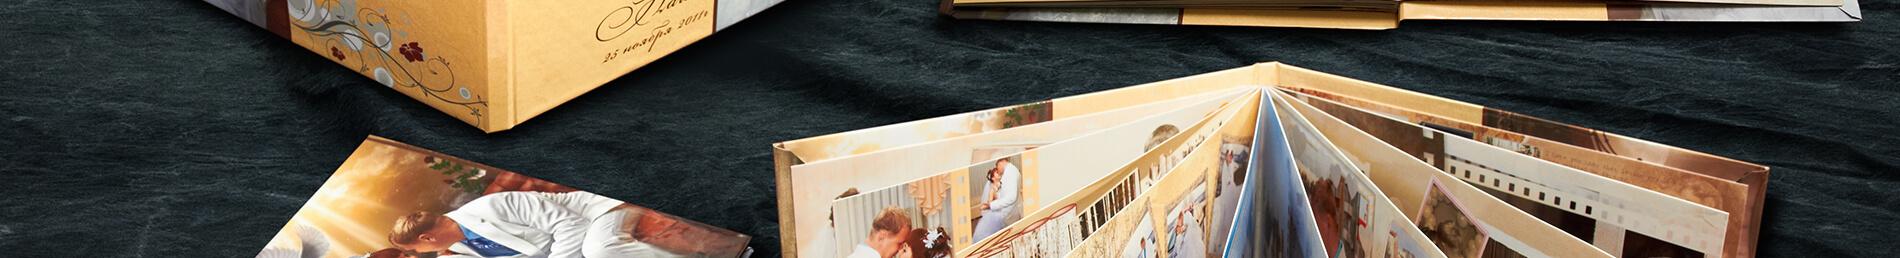 печать и изготовление фотокниг и фотоальбомов в самаре